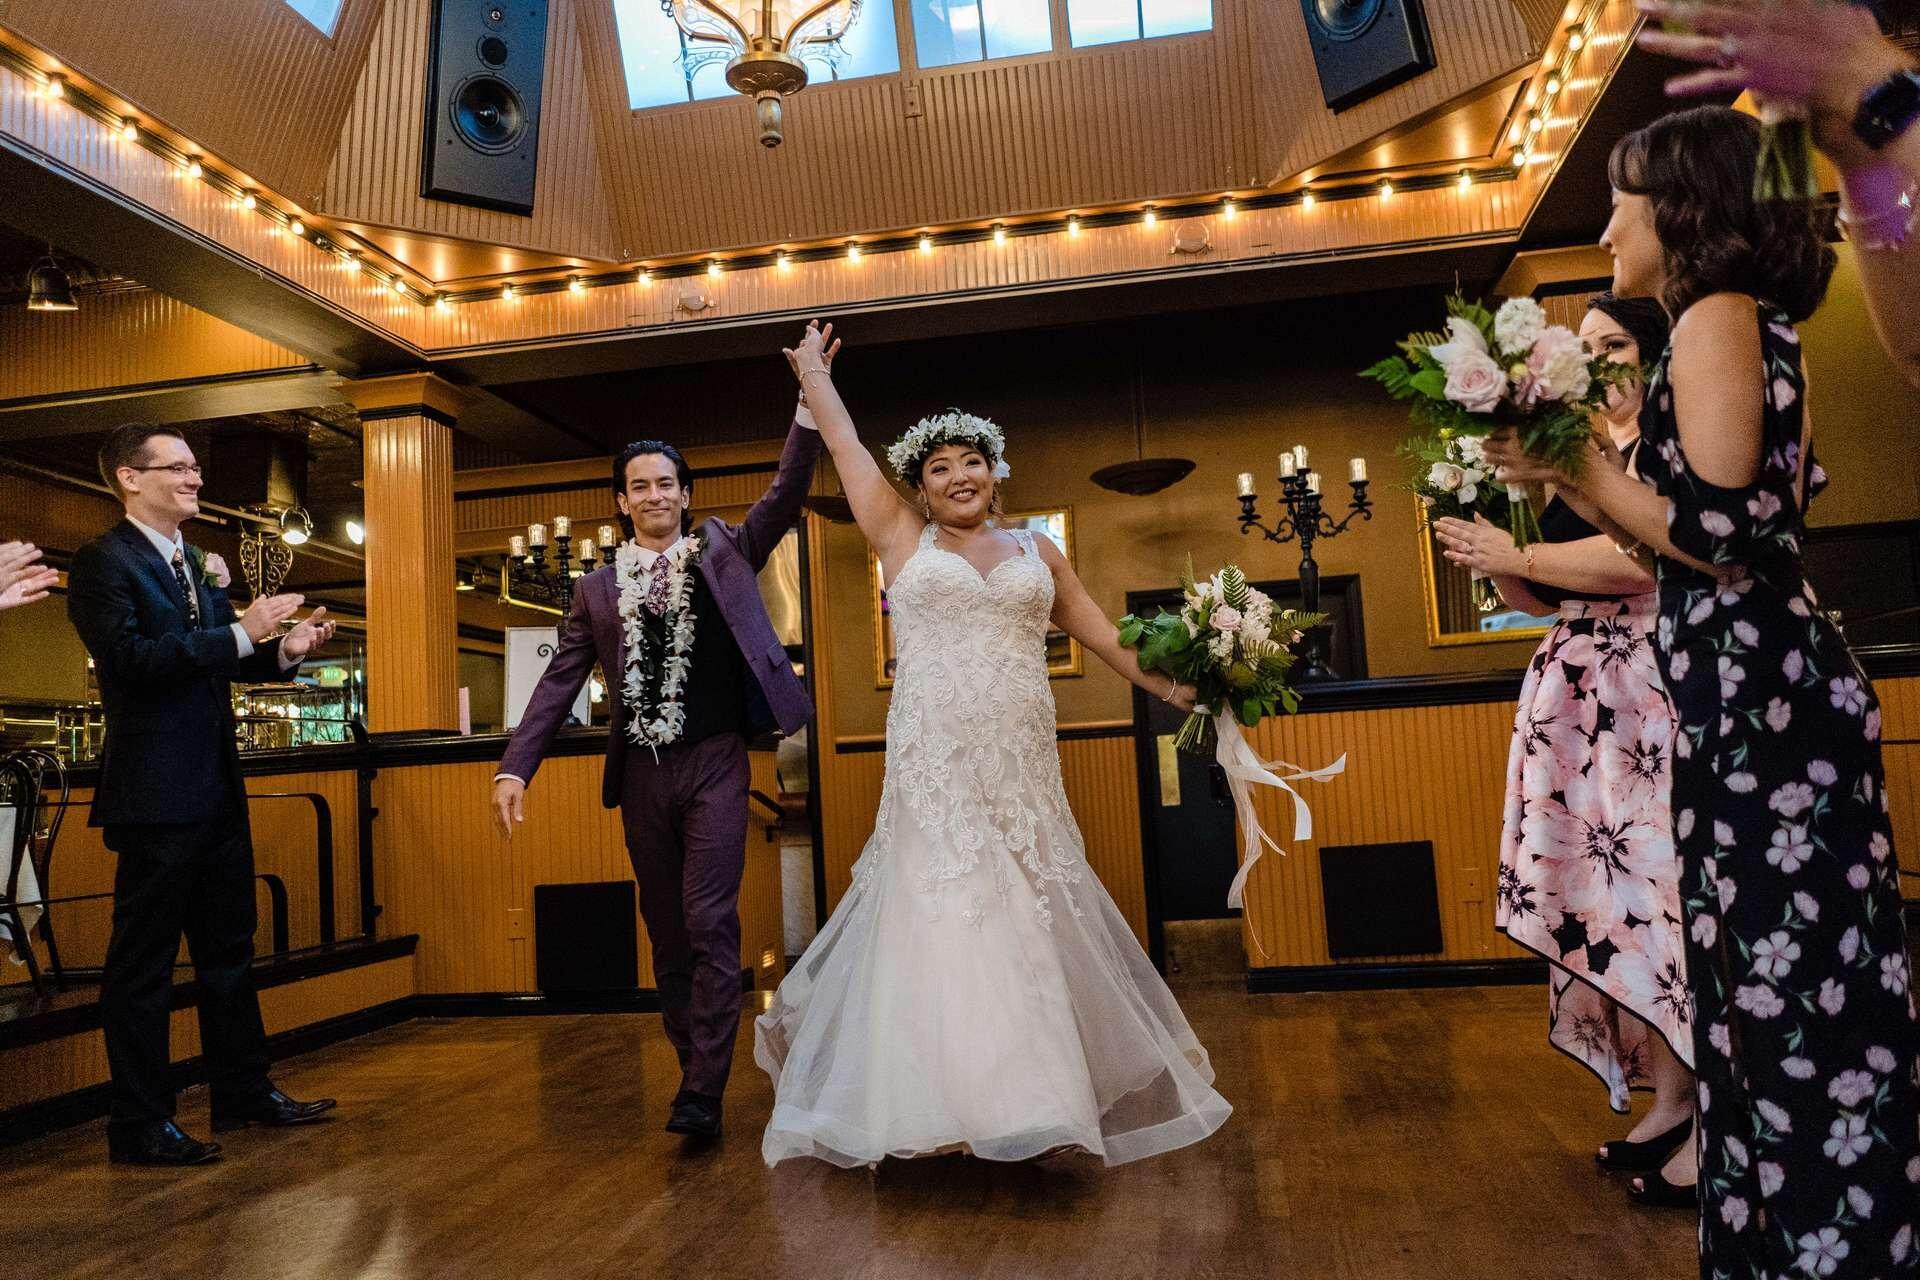 505-Lake-Union-Cafe-Wedding-Seattle.jpg